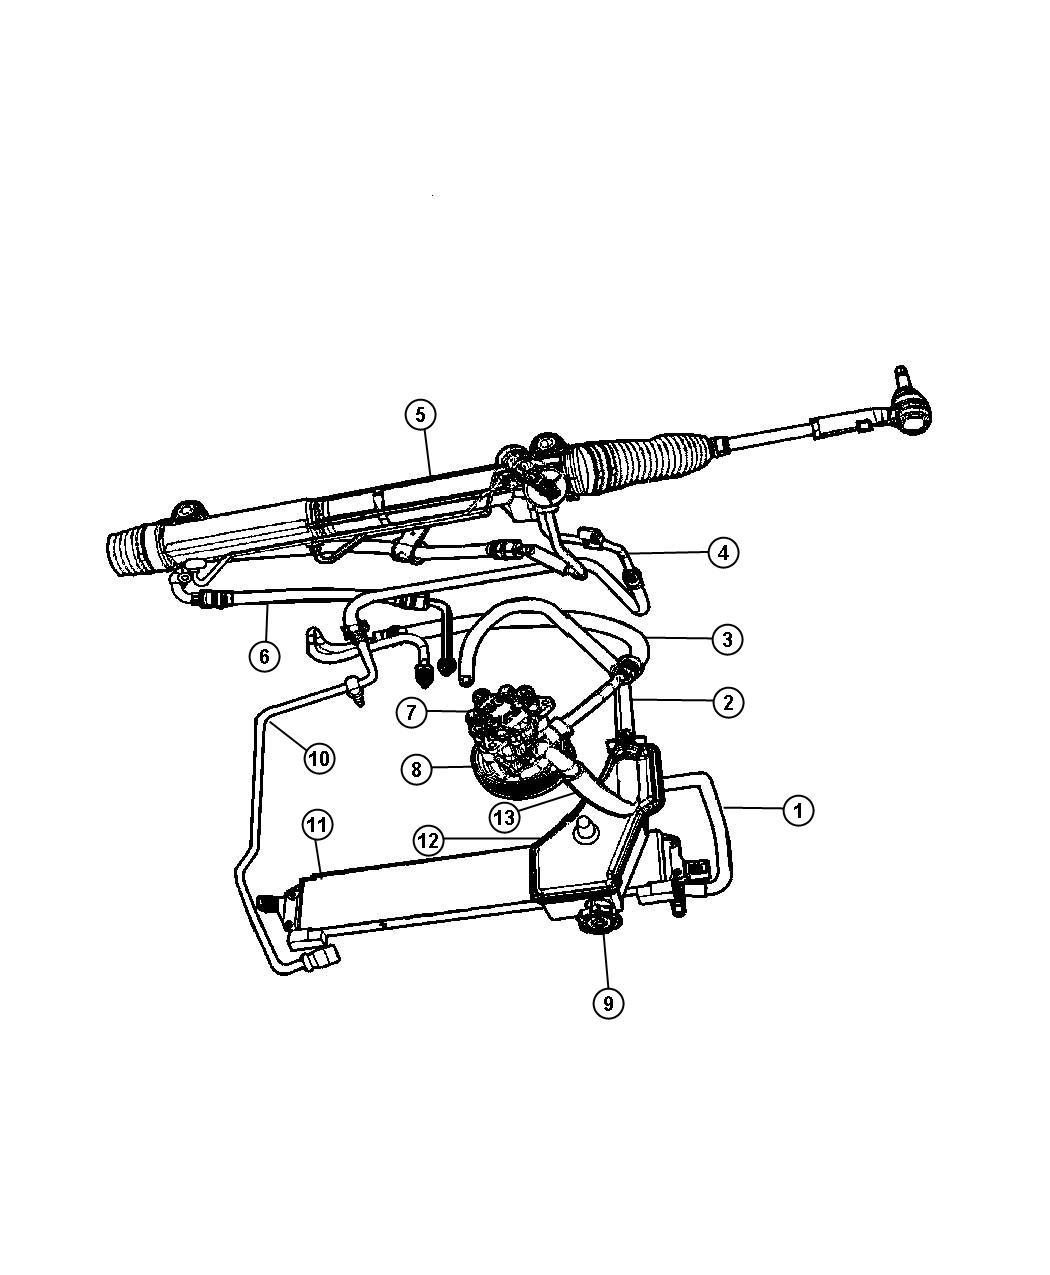 Jeep Grand Cherokee Reservoir Power Steering Fluid